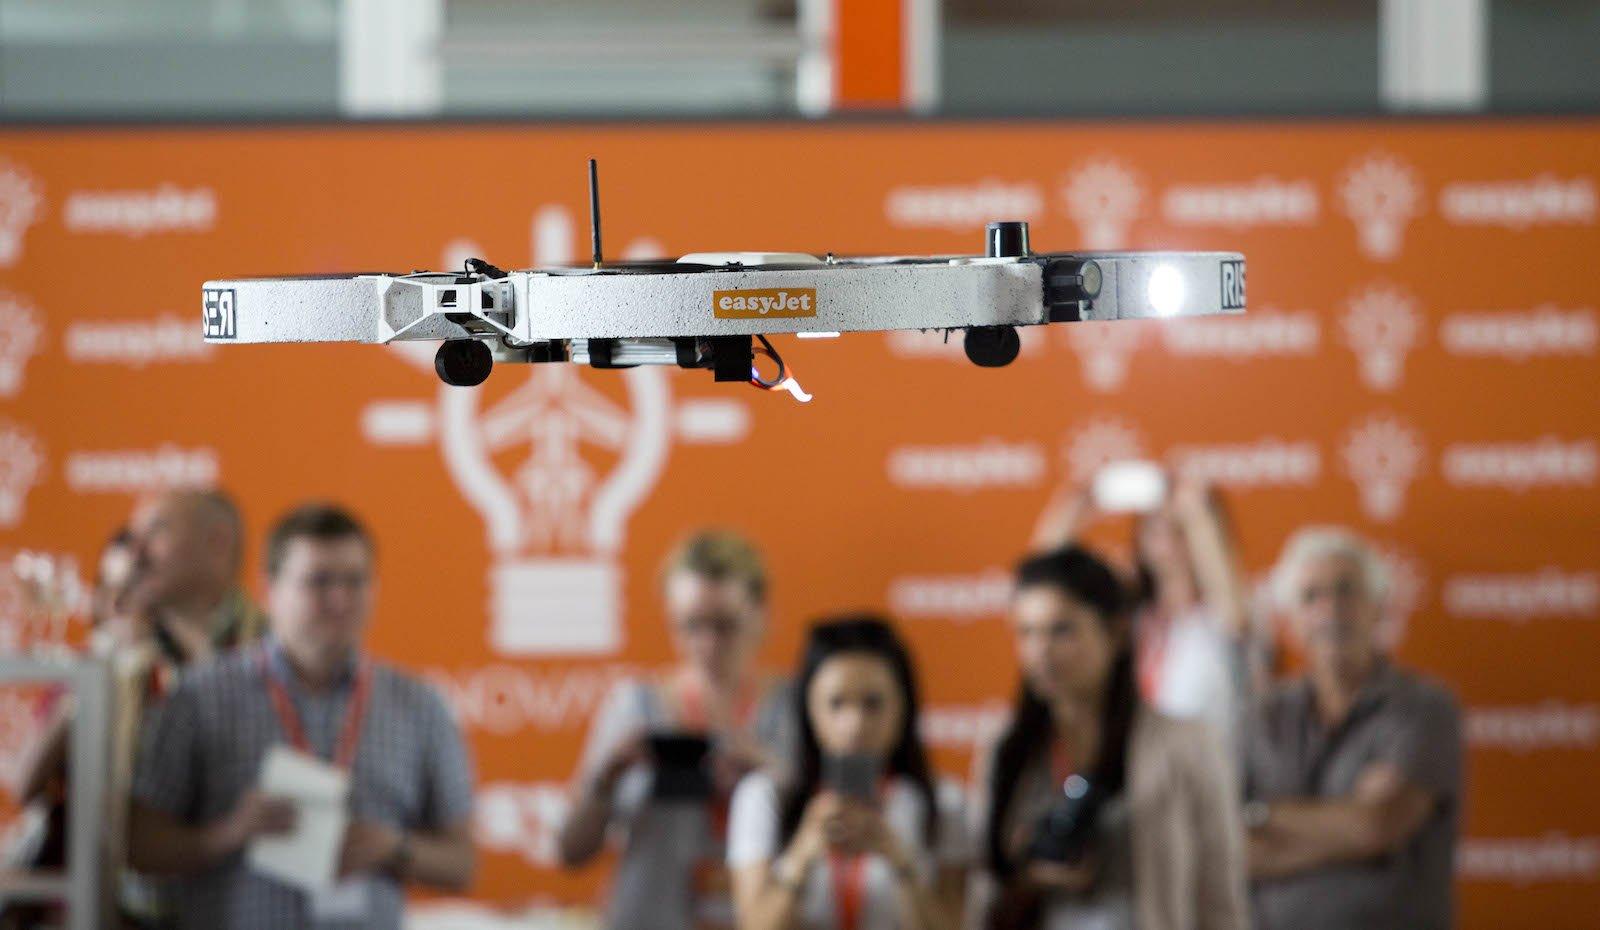 Die meisten Fluggesellschaften erlauben den Drohnenbetrieb nur in geschlossenen Räumen.